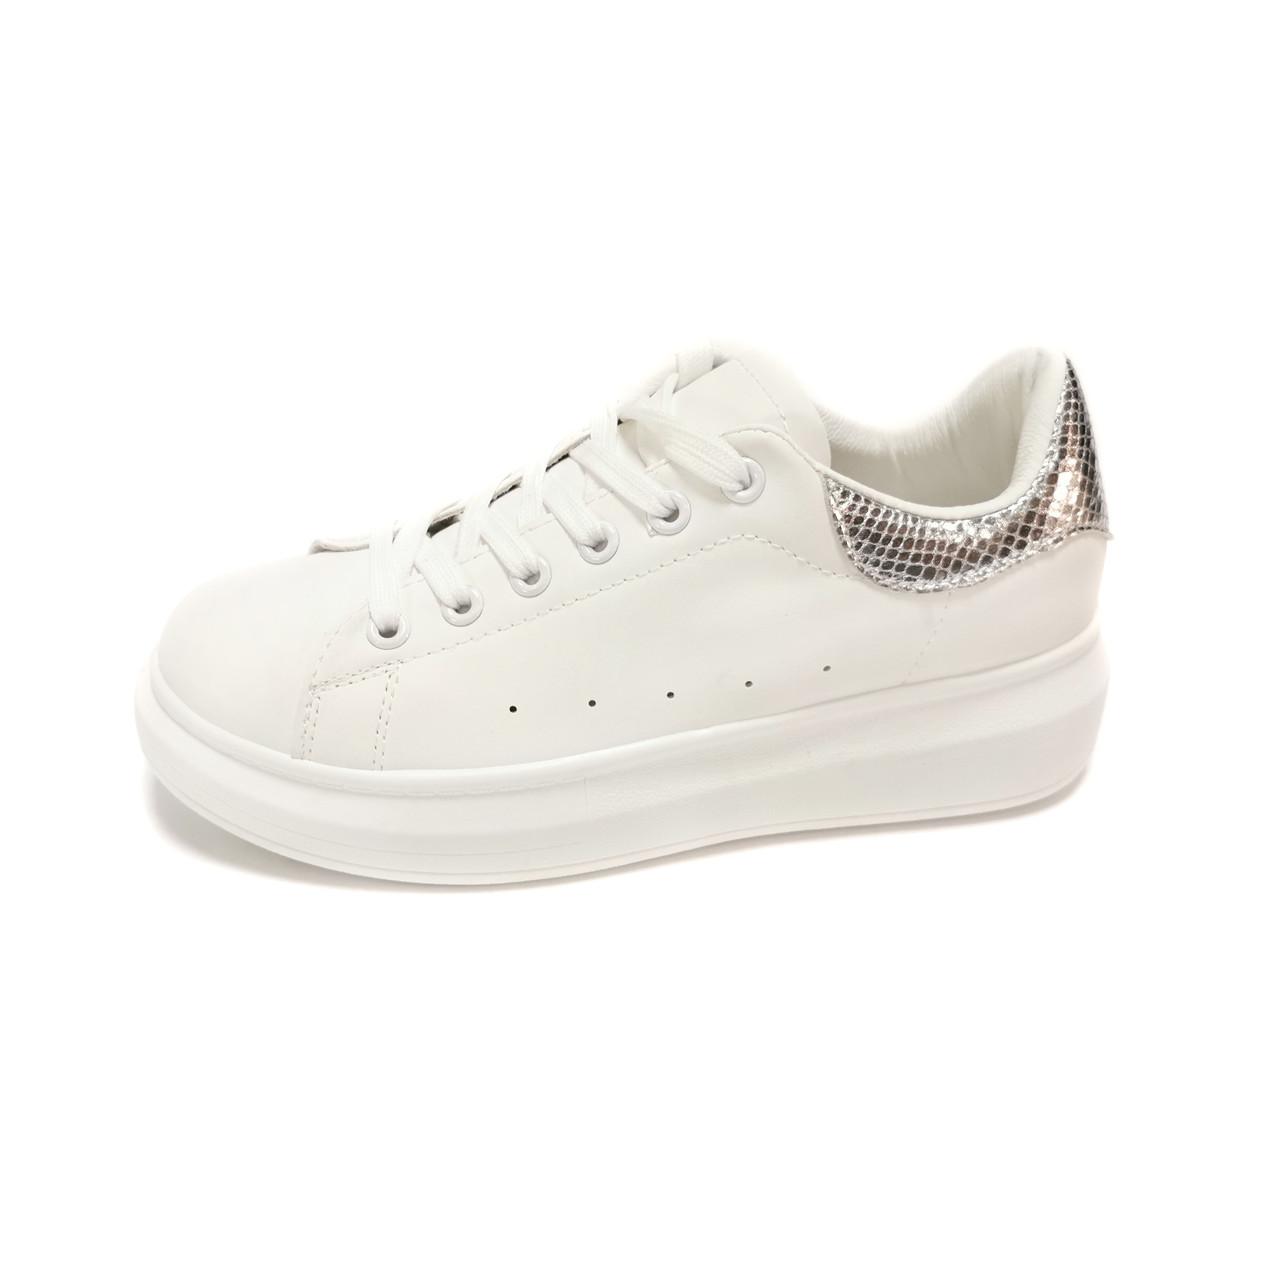 Кросовки кеды в стиле alexander mcqueen белые